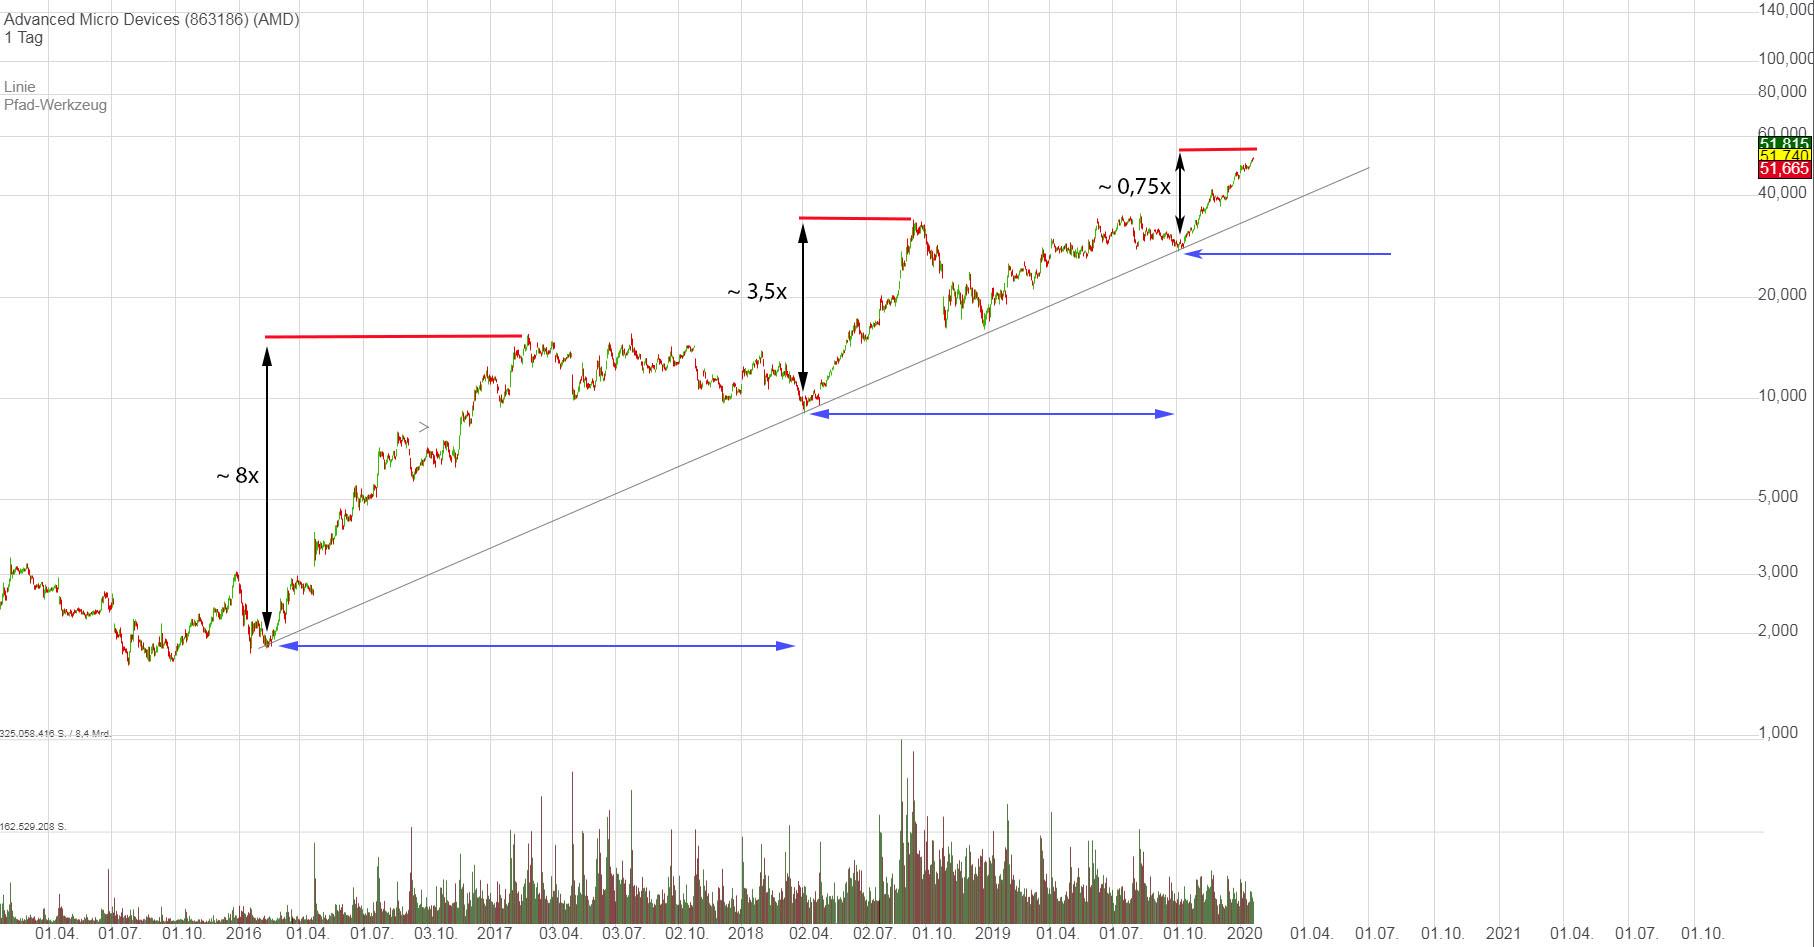 amd_chart_wellentheorie.jpg